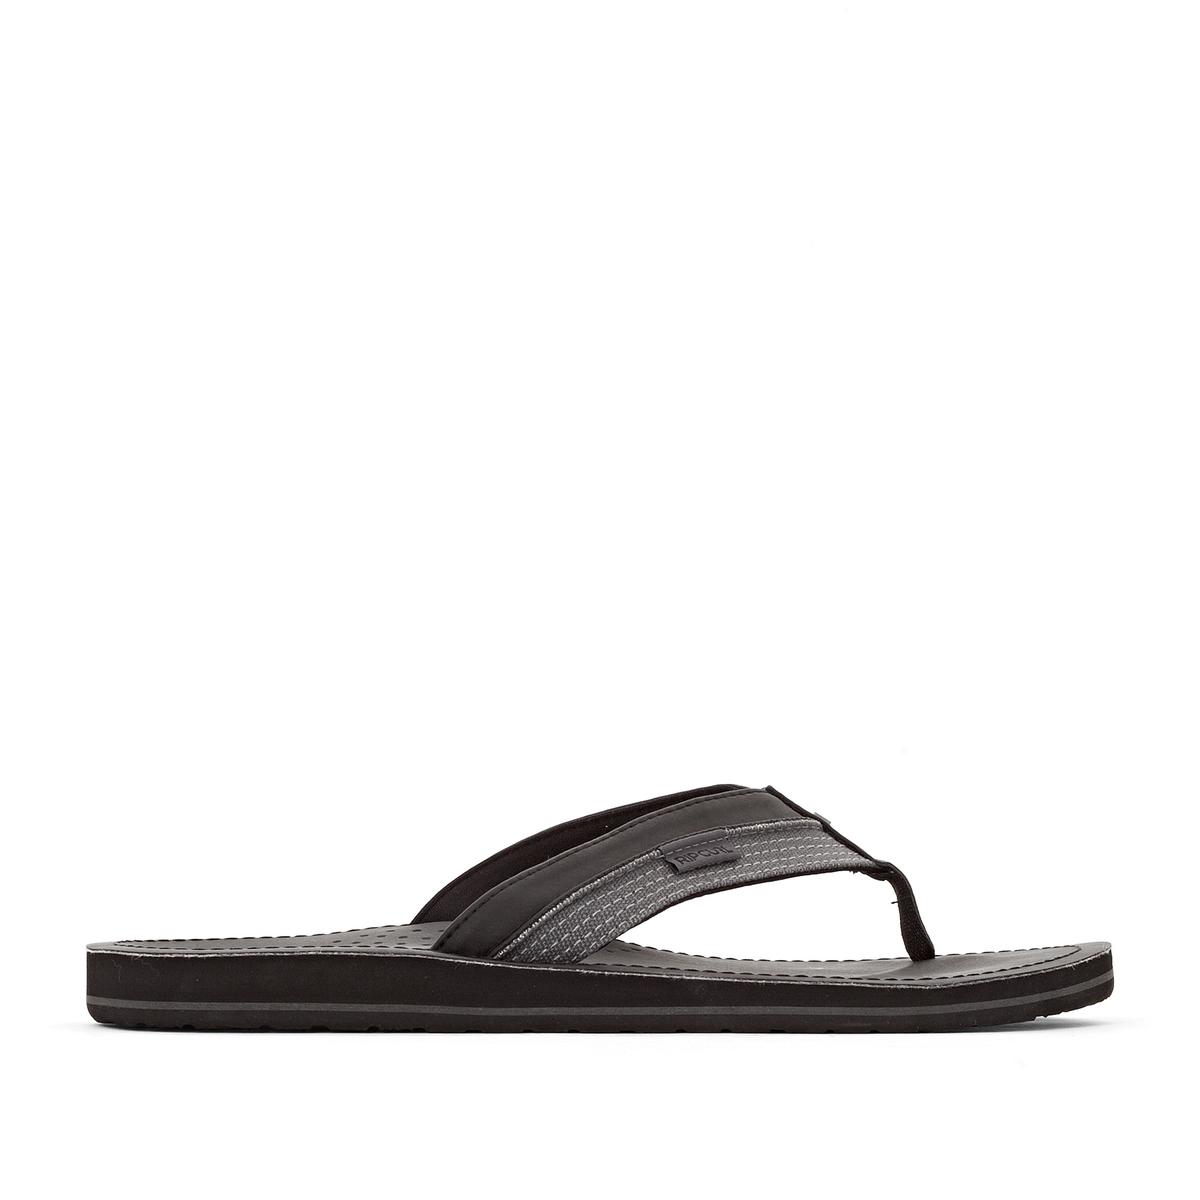 Вьетнамки OxВерх/Голенище : синтетика     Стелька : синтетика     Подошва : каучук     Форма каблука : плоский каблук     Мысок : открытый мысок     Застежка : без застежки<br><br>Цвет: черный<br>Размер: 39